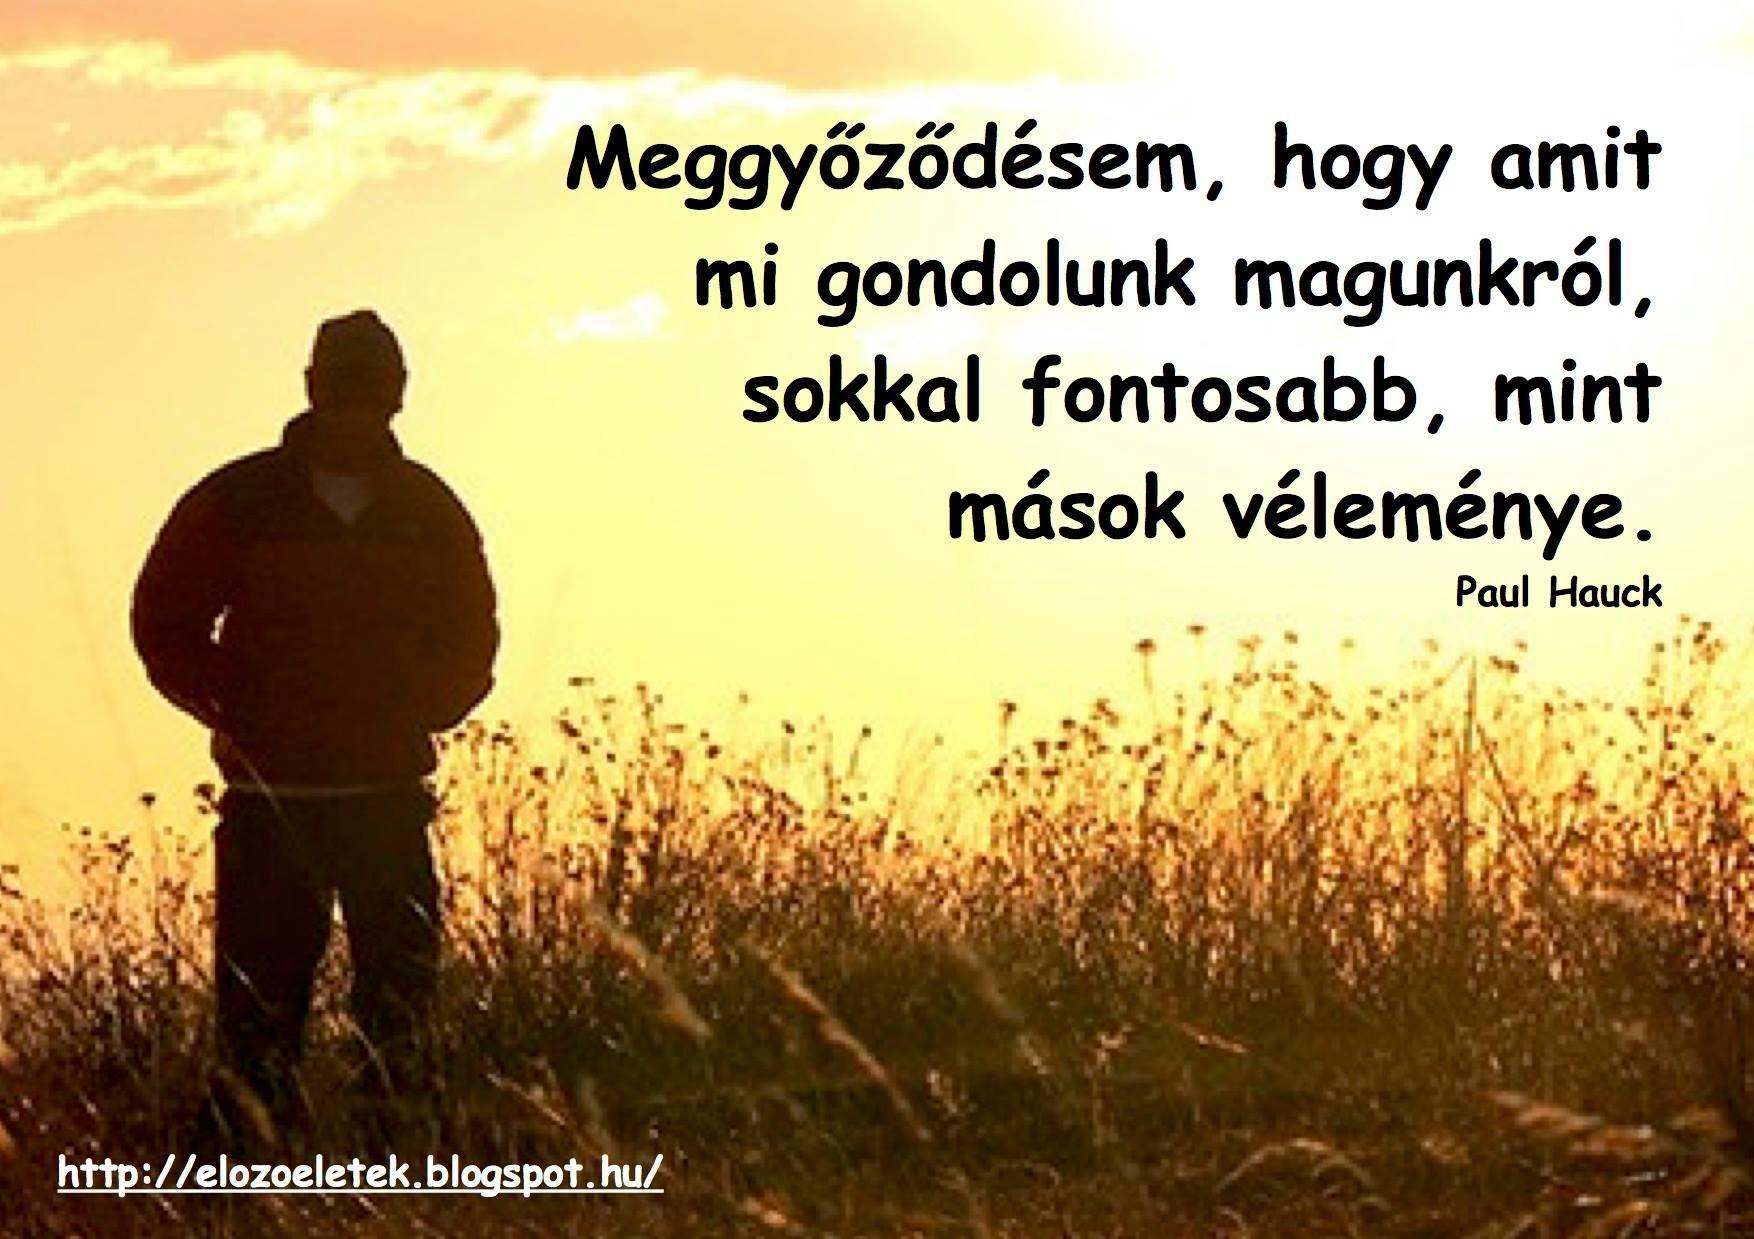 vicces idézetek magunkról Pin by Viki Guzsik on Idézetes képek | Life quotes, Quotes, Funny